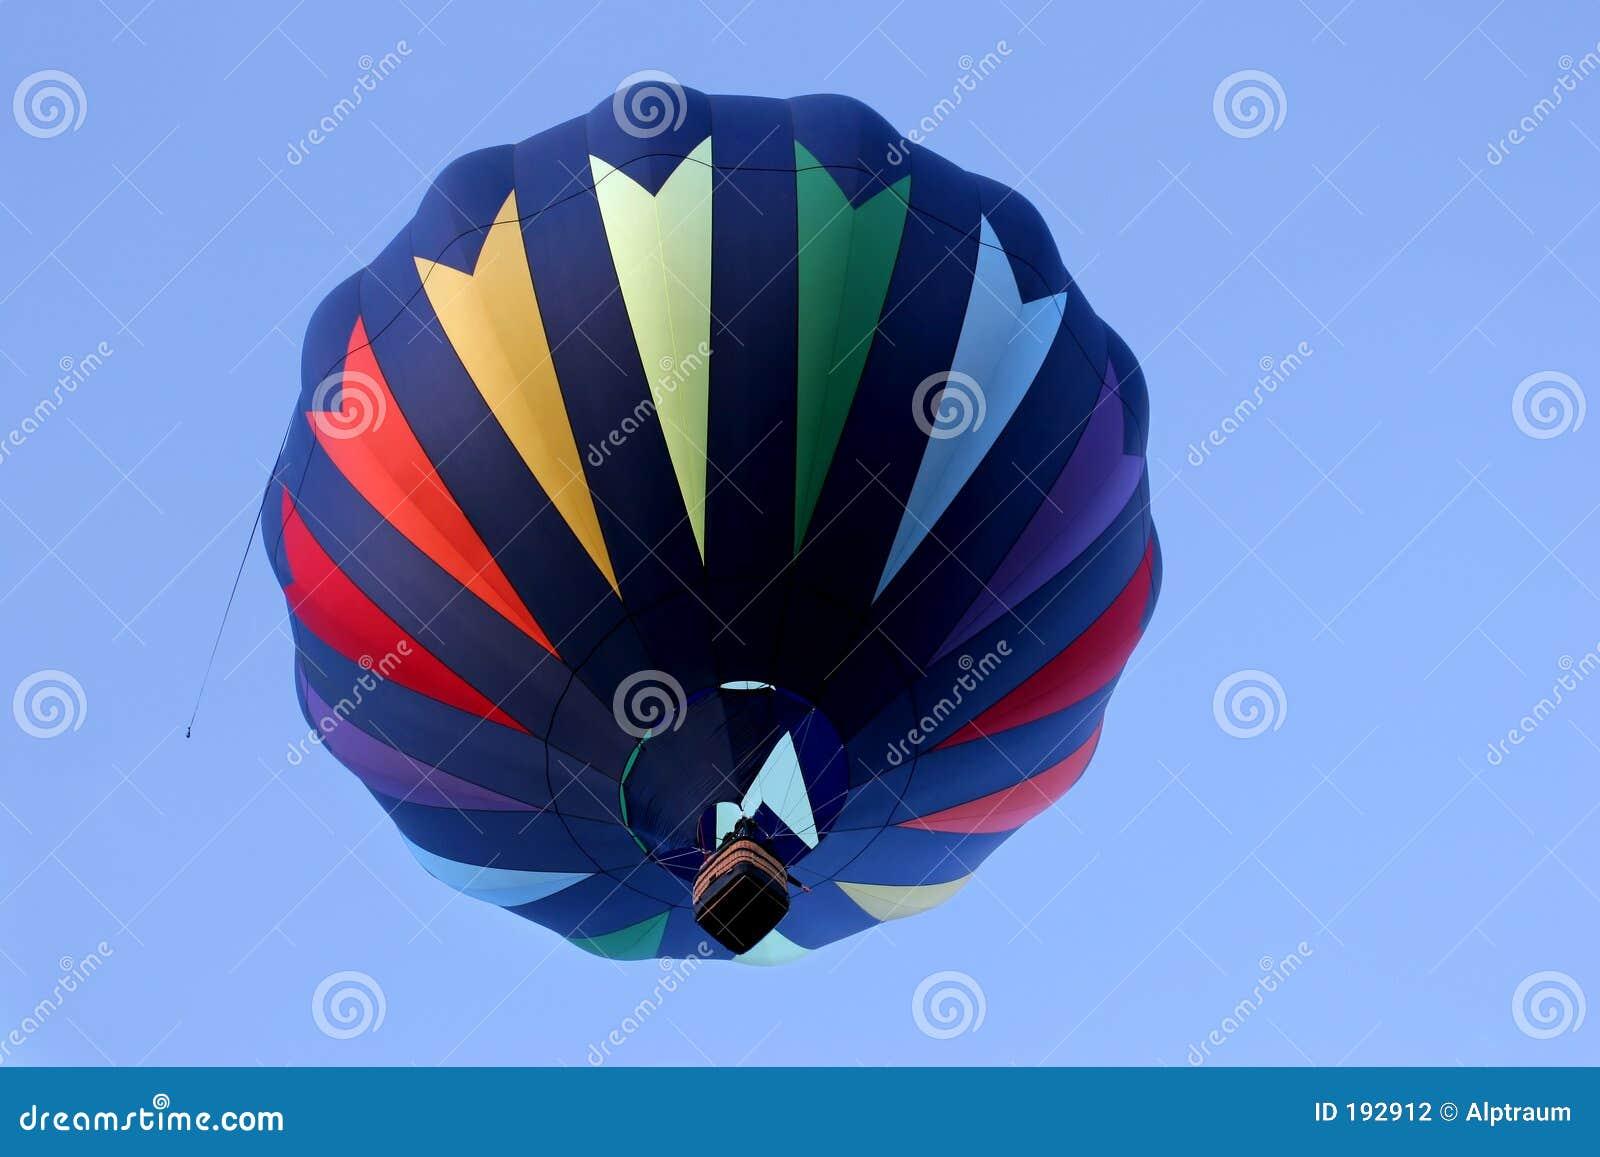 Globo del aire caliente en colores del arco iris